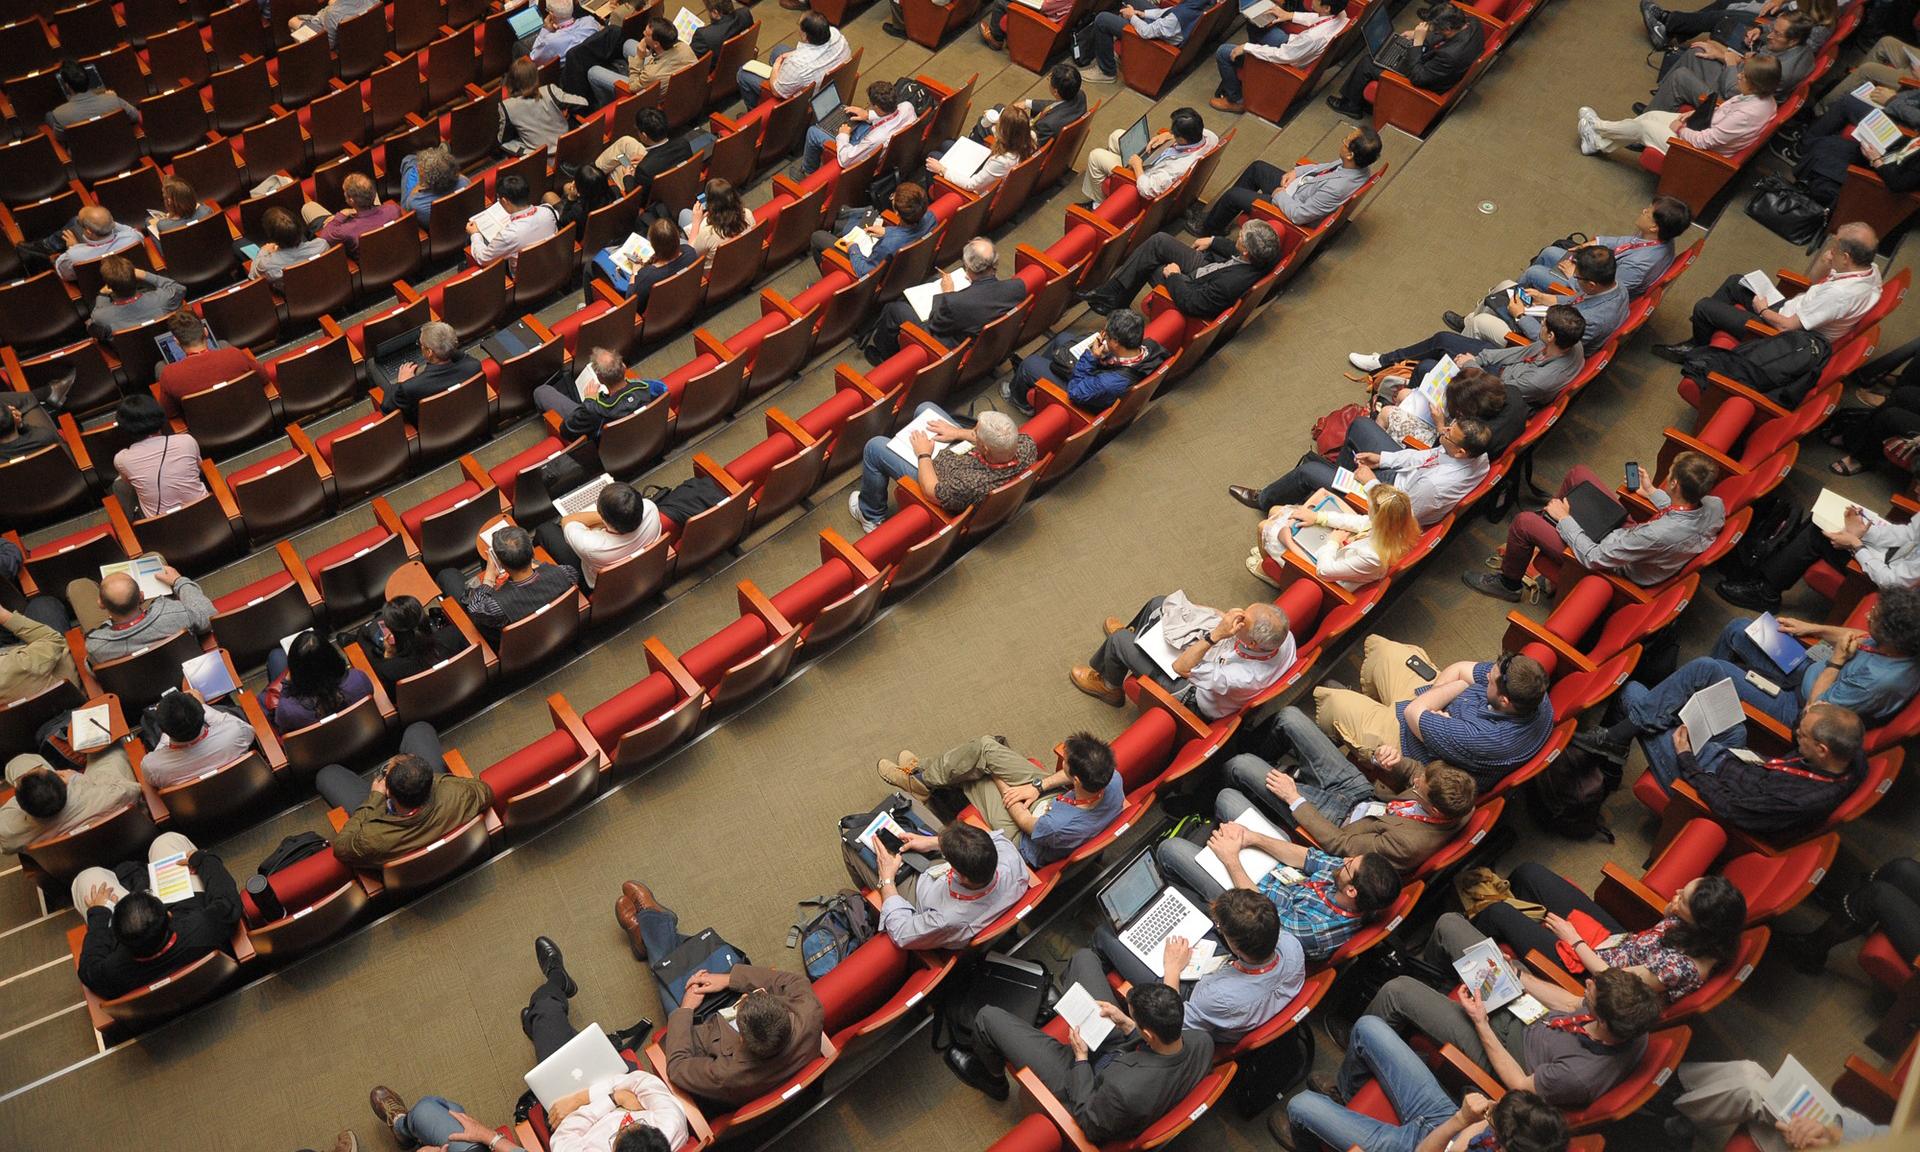 Cómo Aprovechar Al Máximo Una Conferencia Académica Una